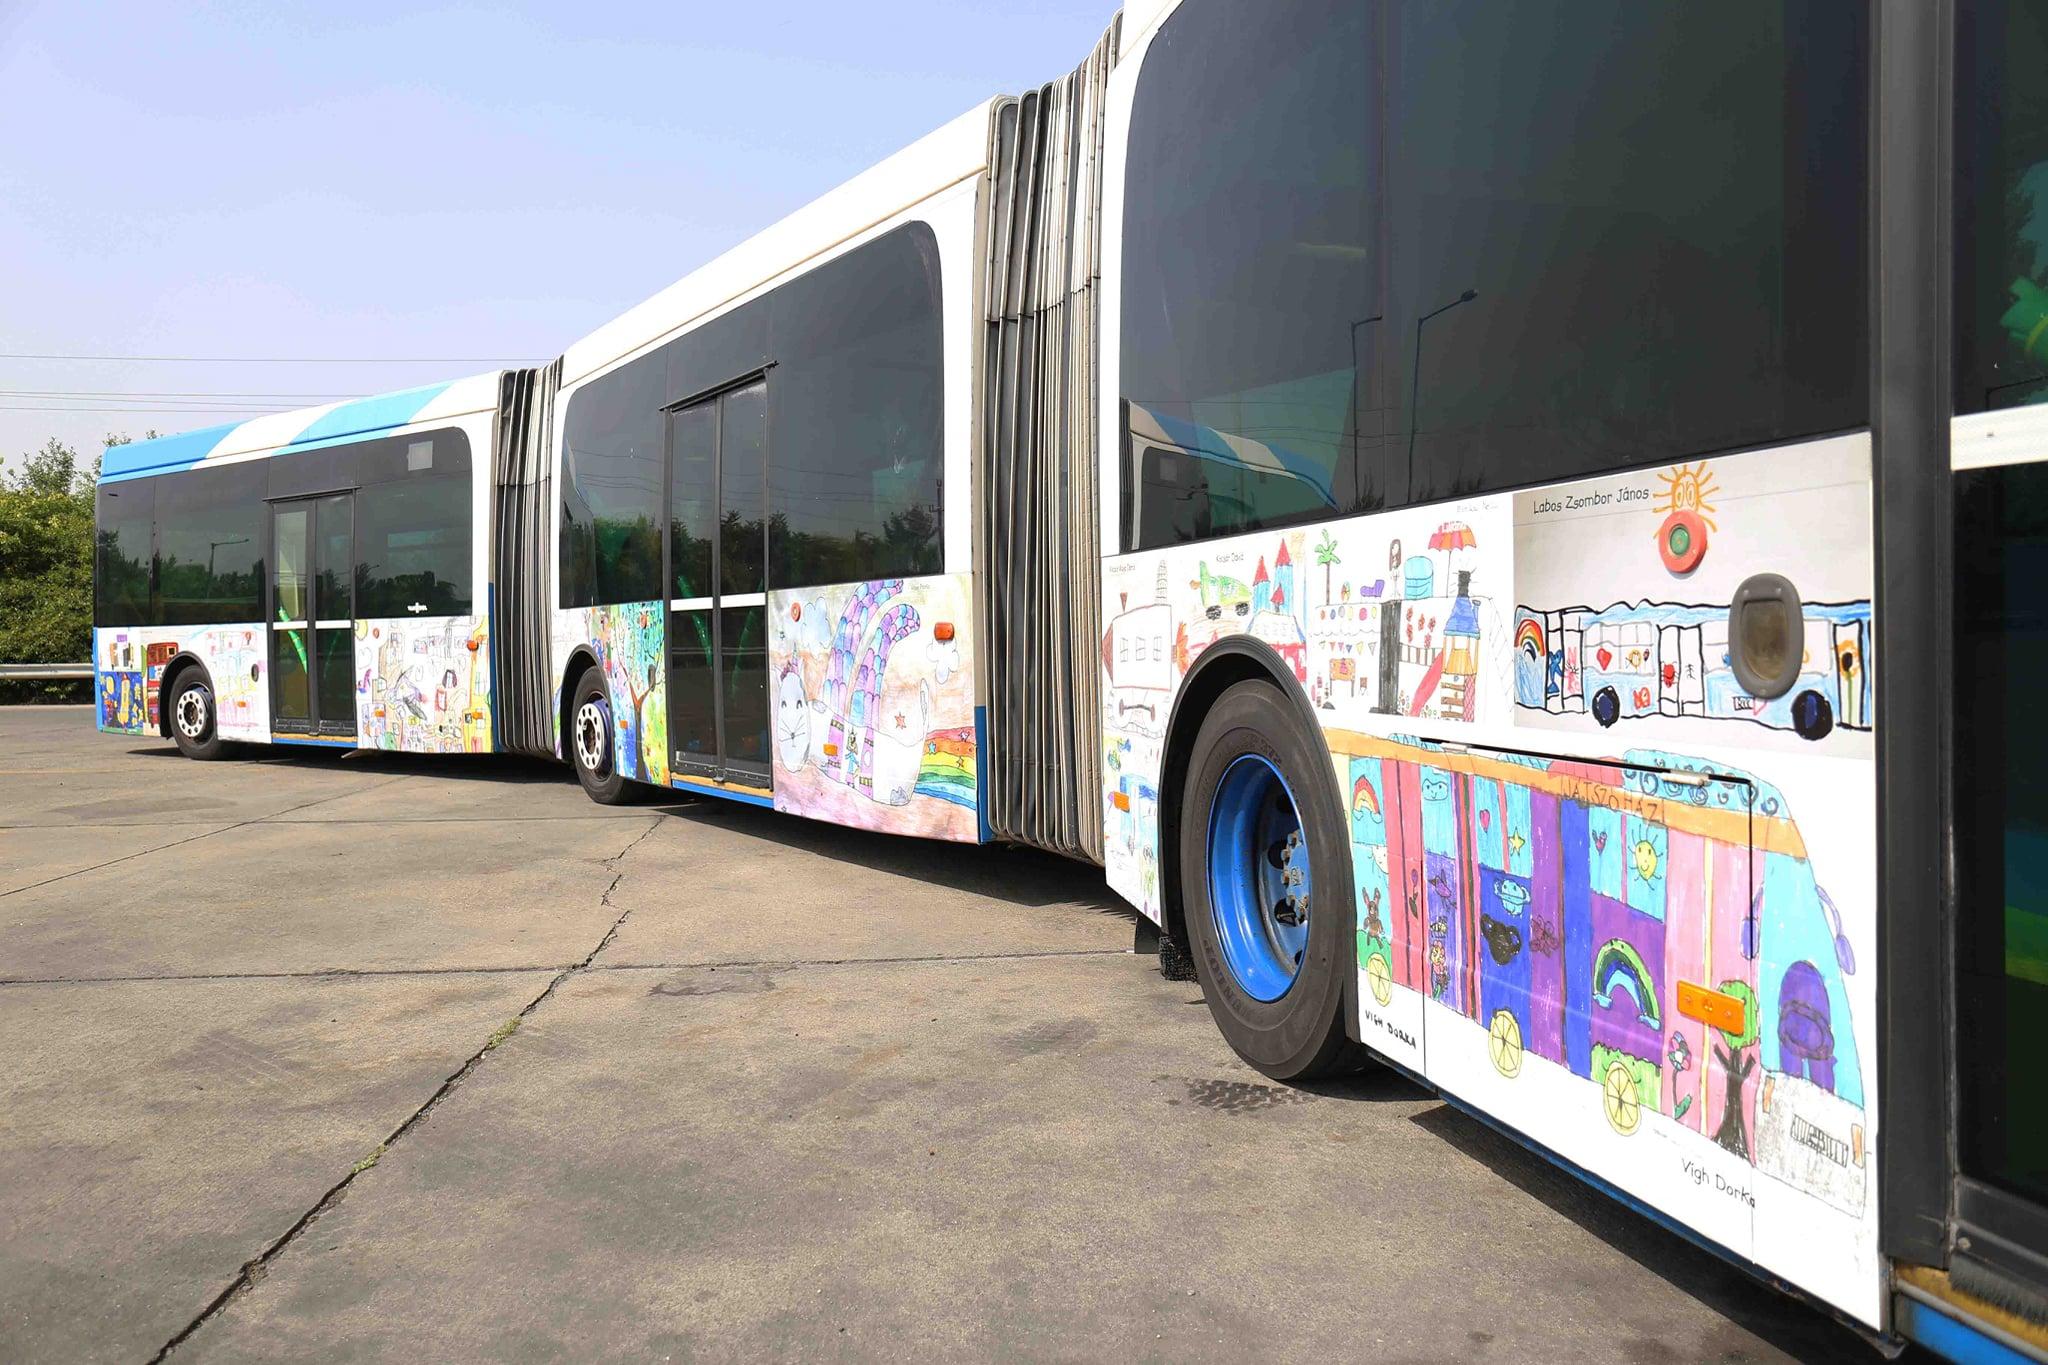 A jármű kölsejét a BKV rajzpályázatára küldött alkotásokkal díszítették ki